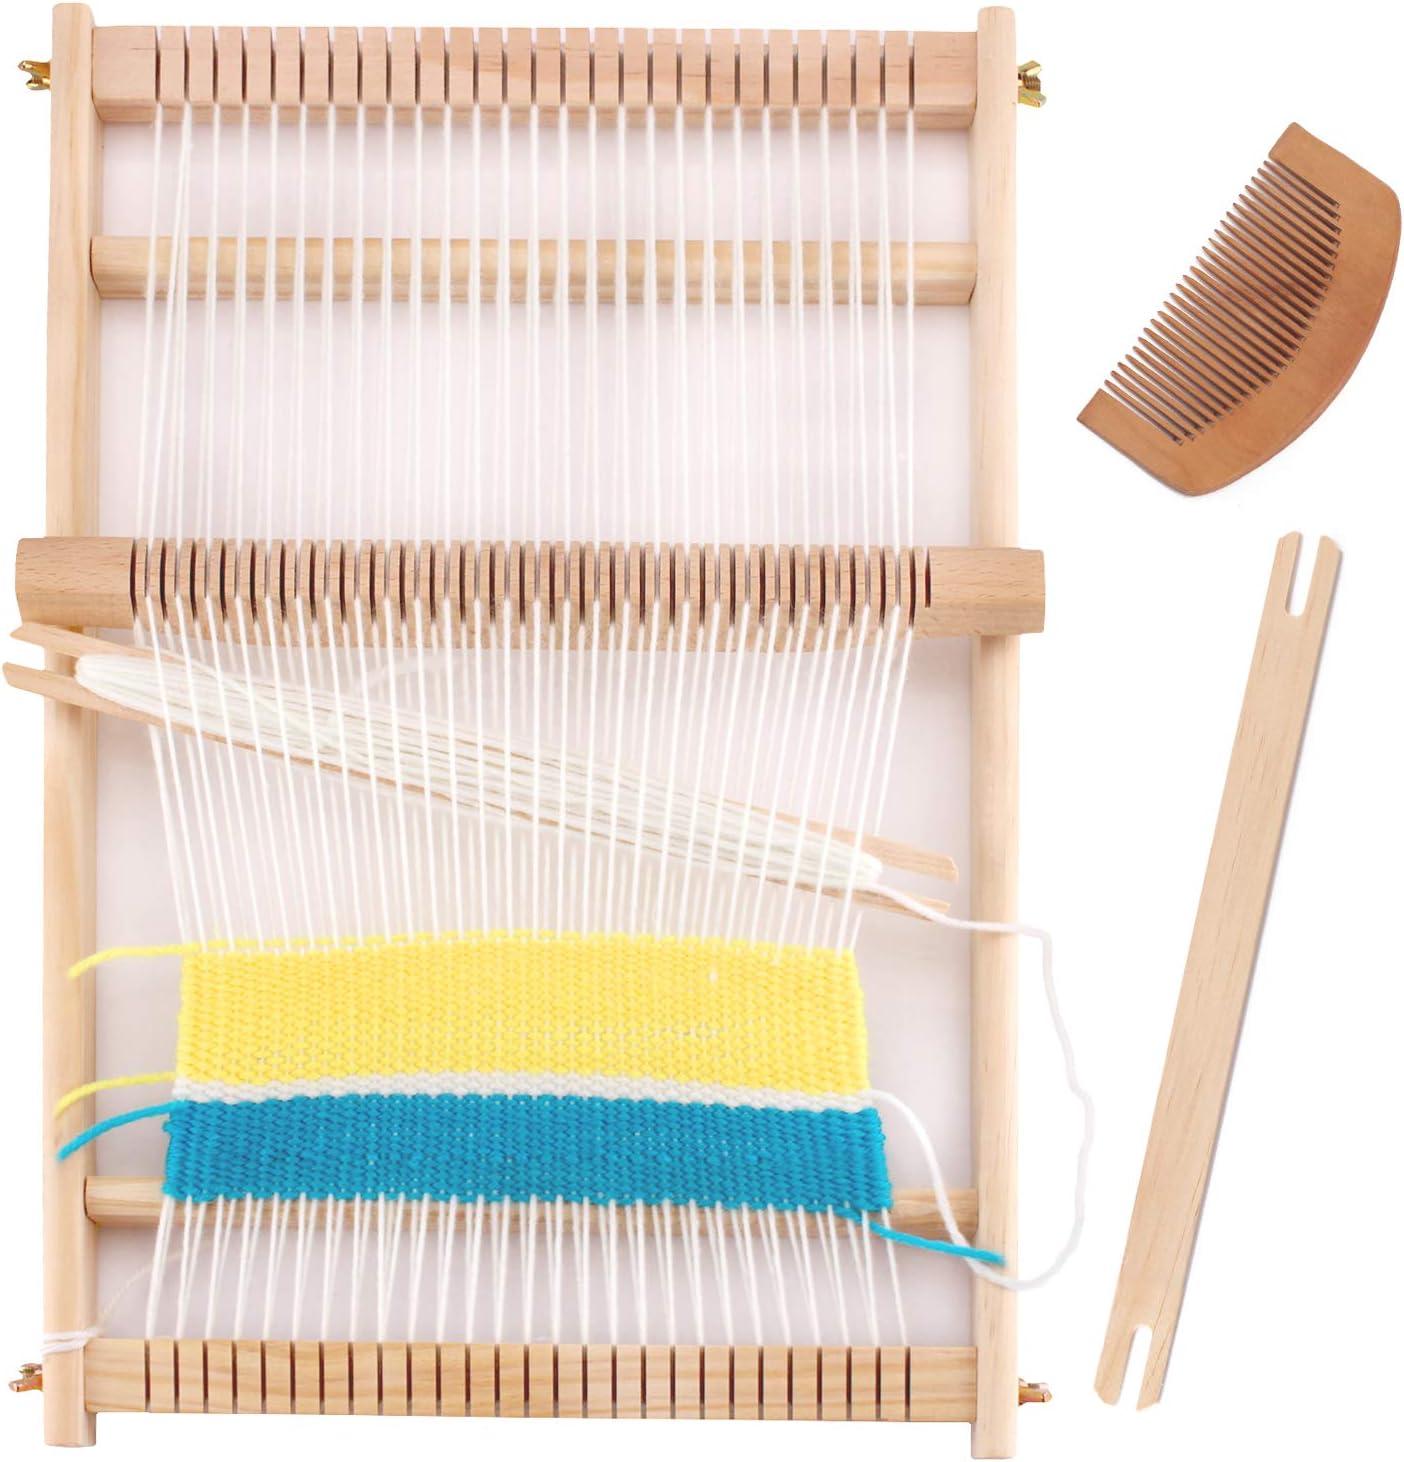 Weaving half Loom Kit 15.2